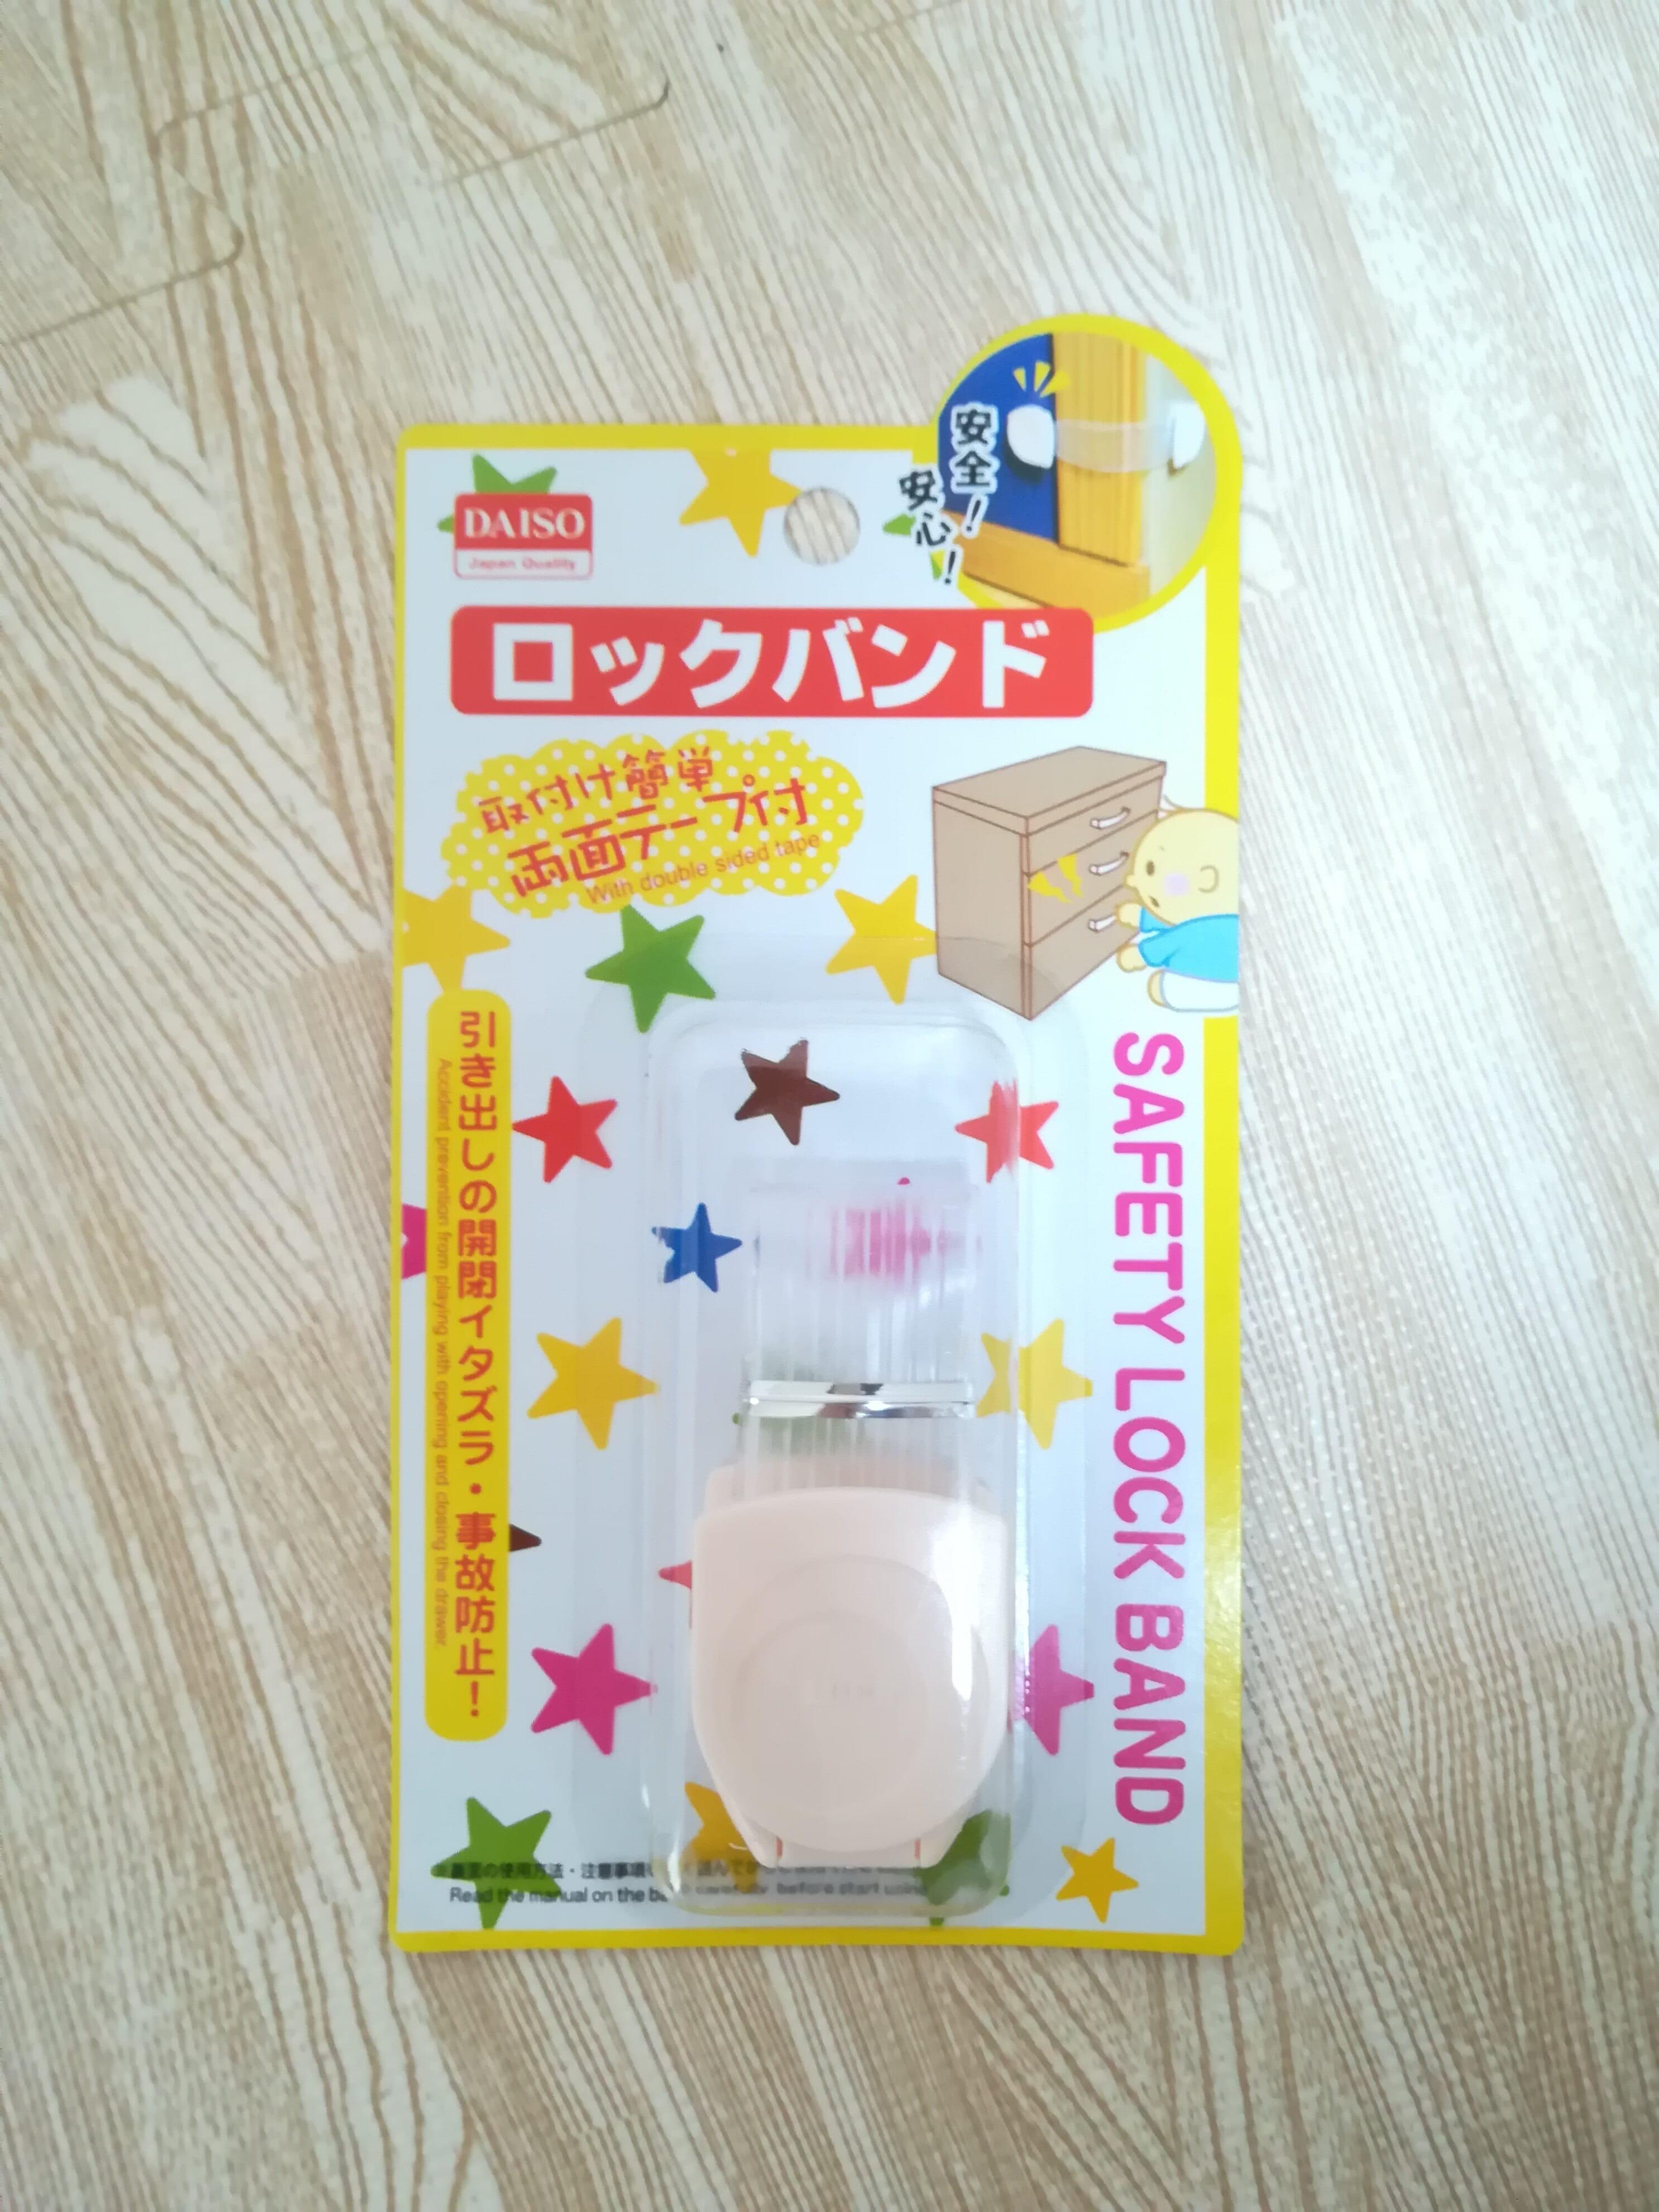 【いたずら防止】ダイソーのストッパーは使える?!棚扉に付けた感想や注意点、息子の反応は?!